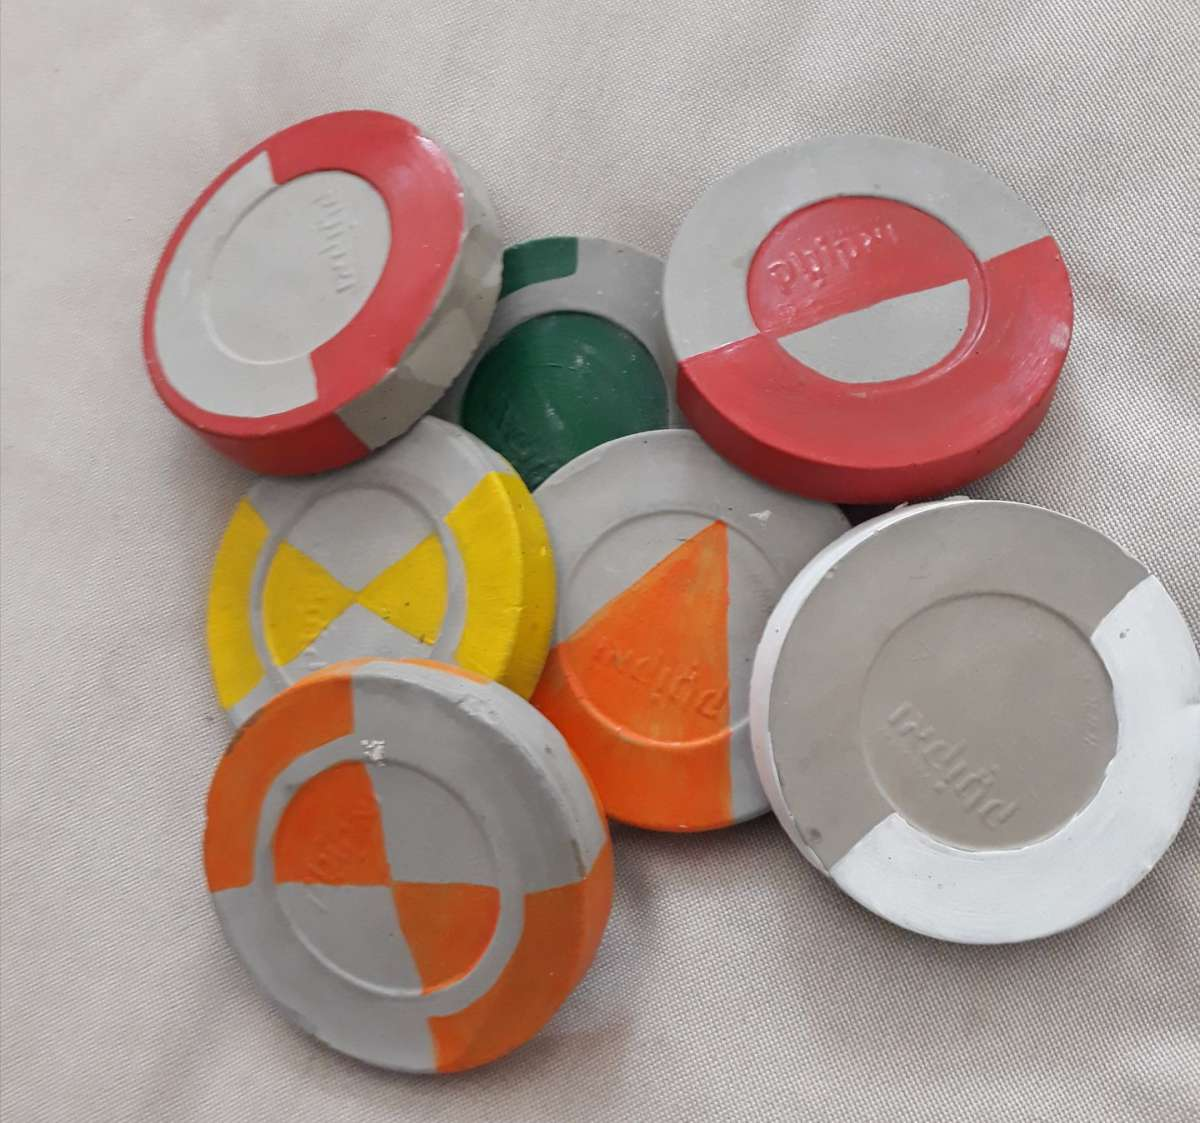 תחתיות לקפה צבעוניות